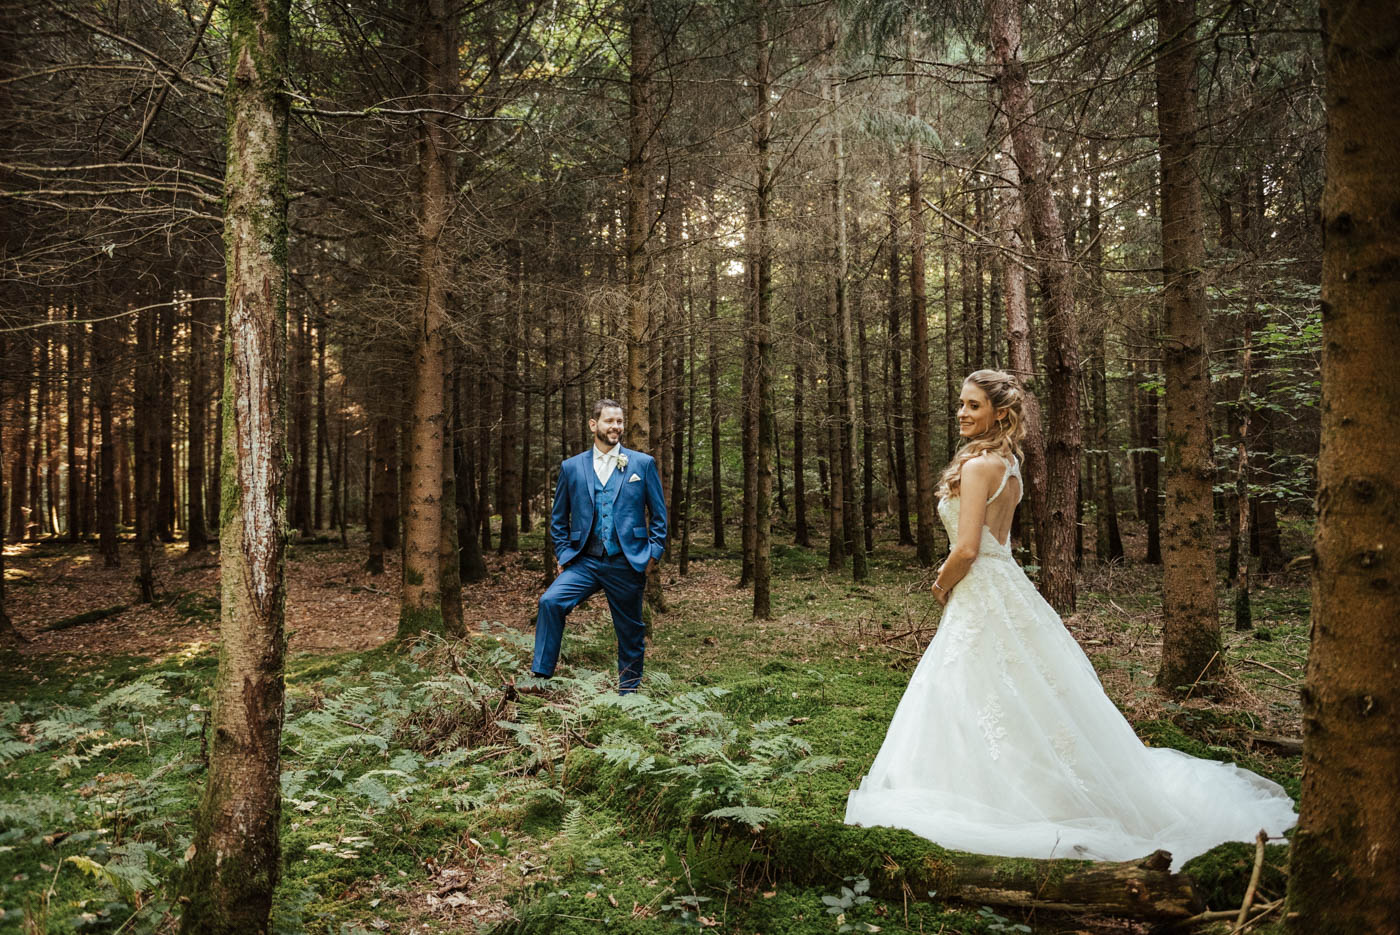 Hochzeitsfotograf Zürich tätig in der ganzen Schweiz Hochzeitsreportage Schweiz